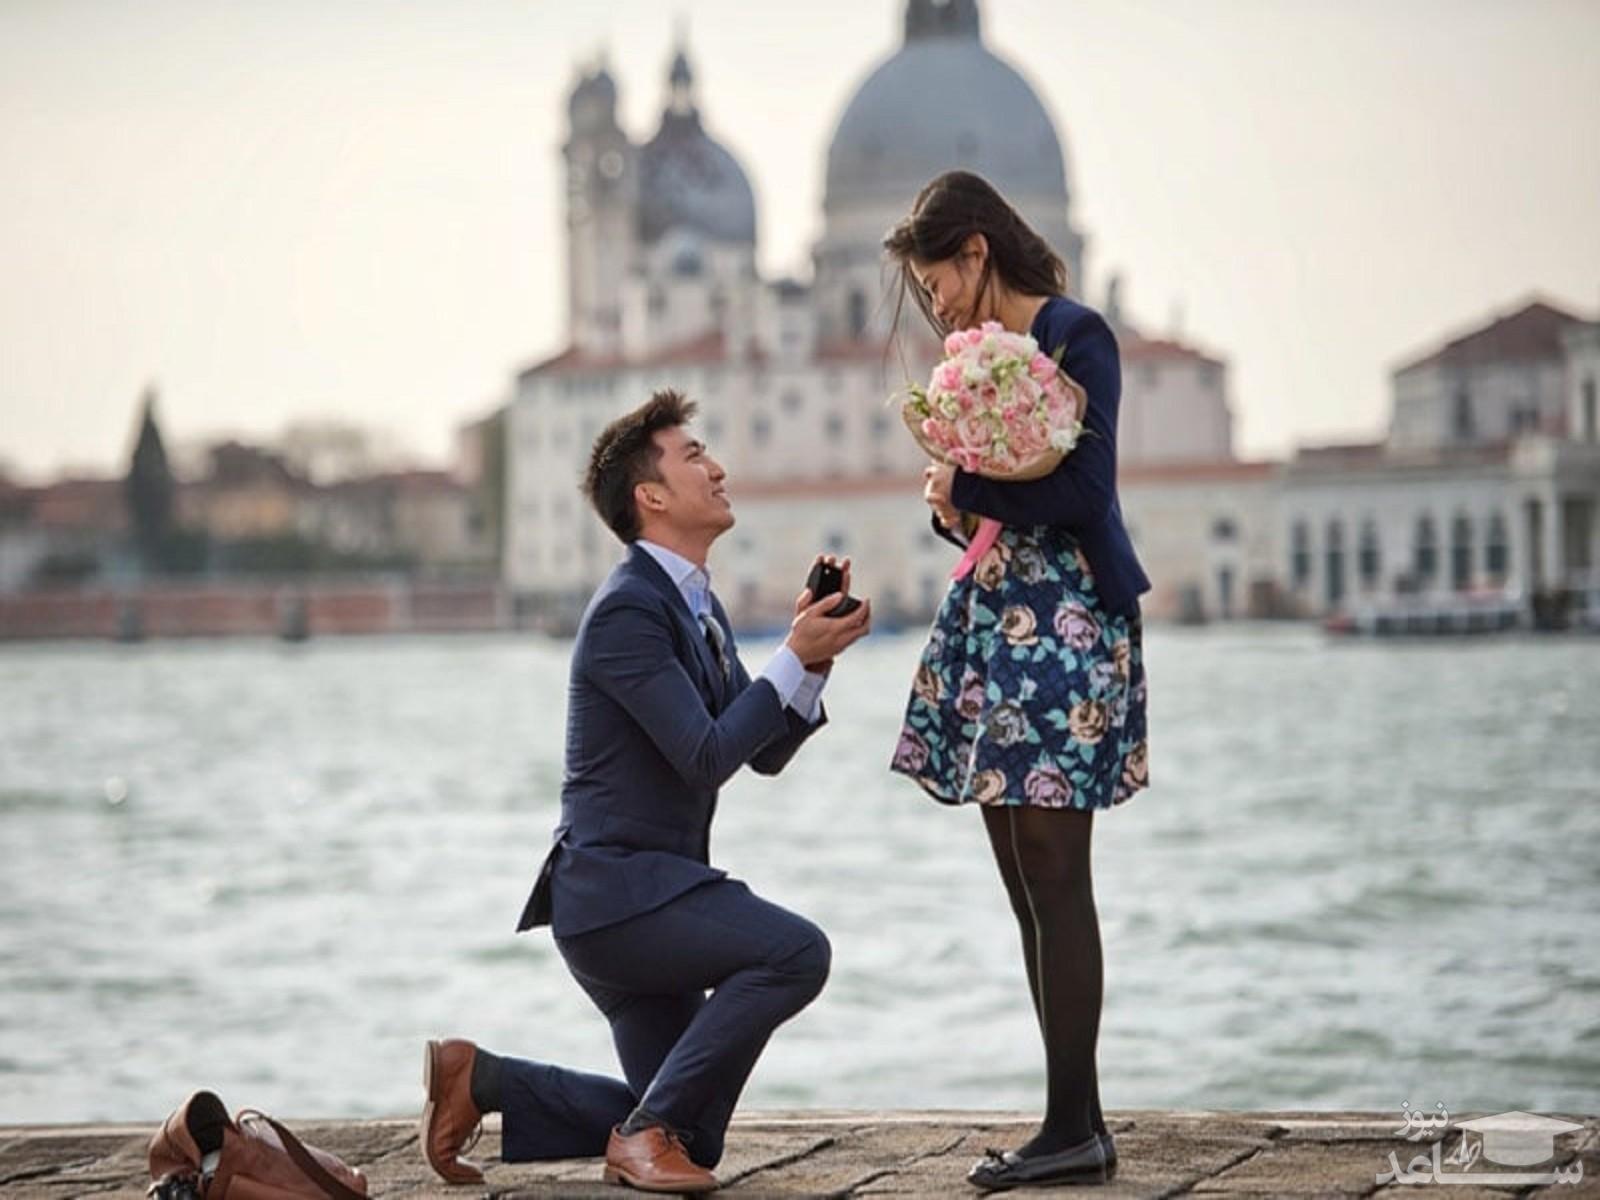 روش های رمانتیک برای دادن پیشنهاد ازدواج